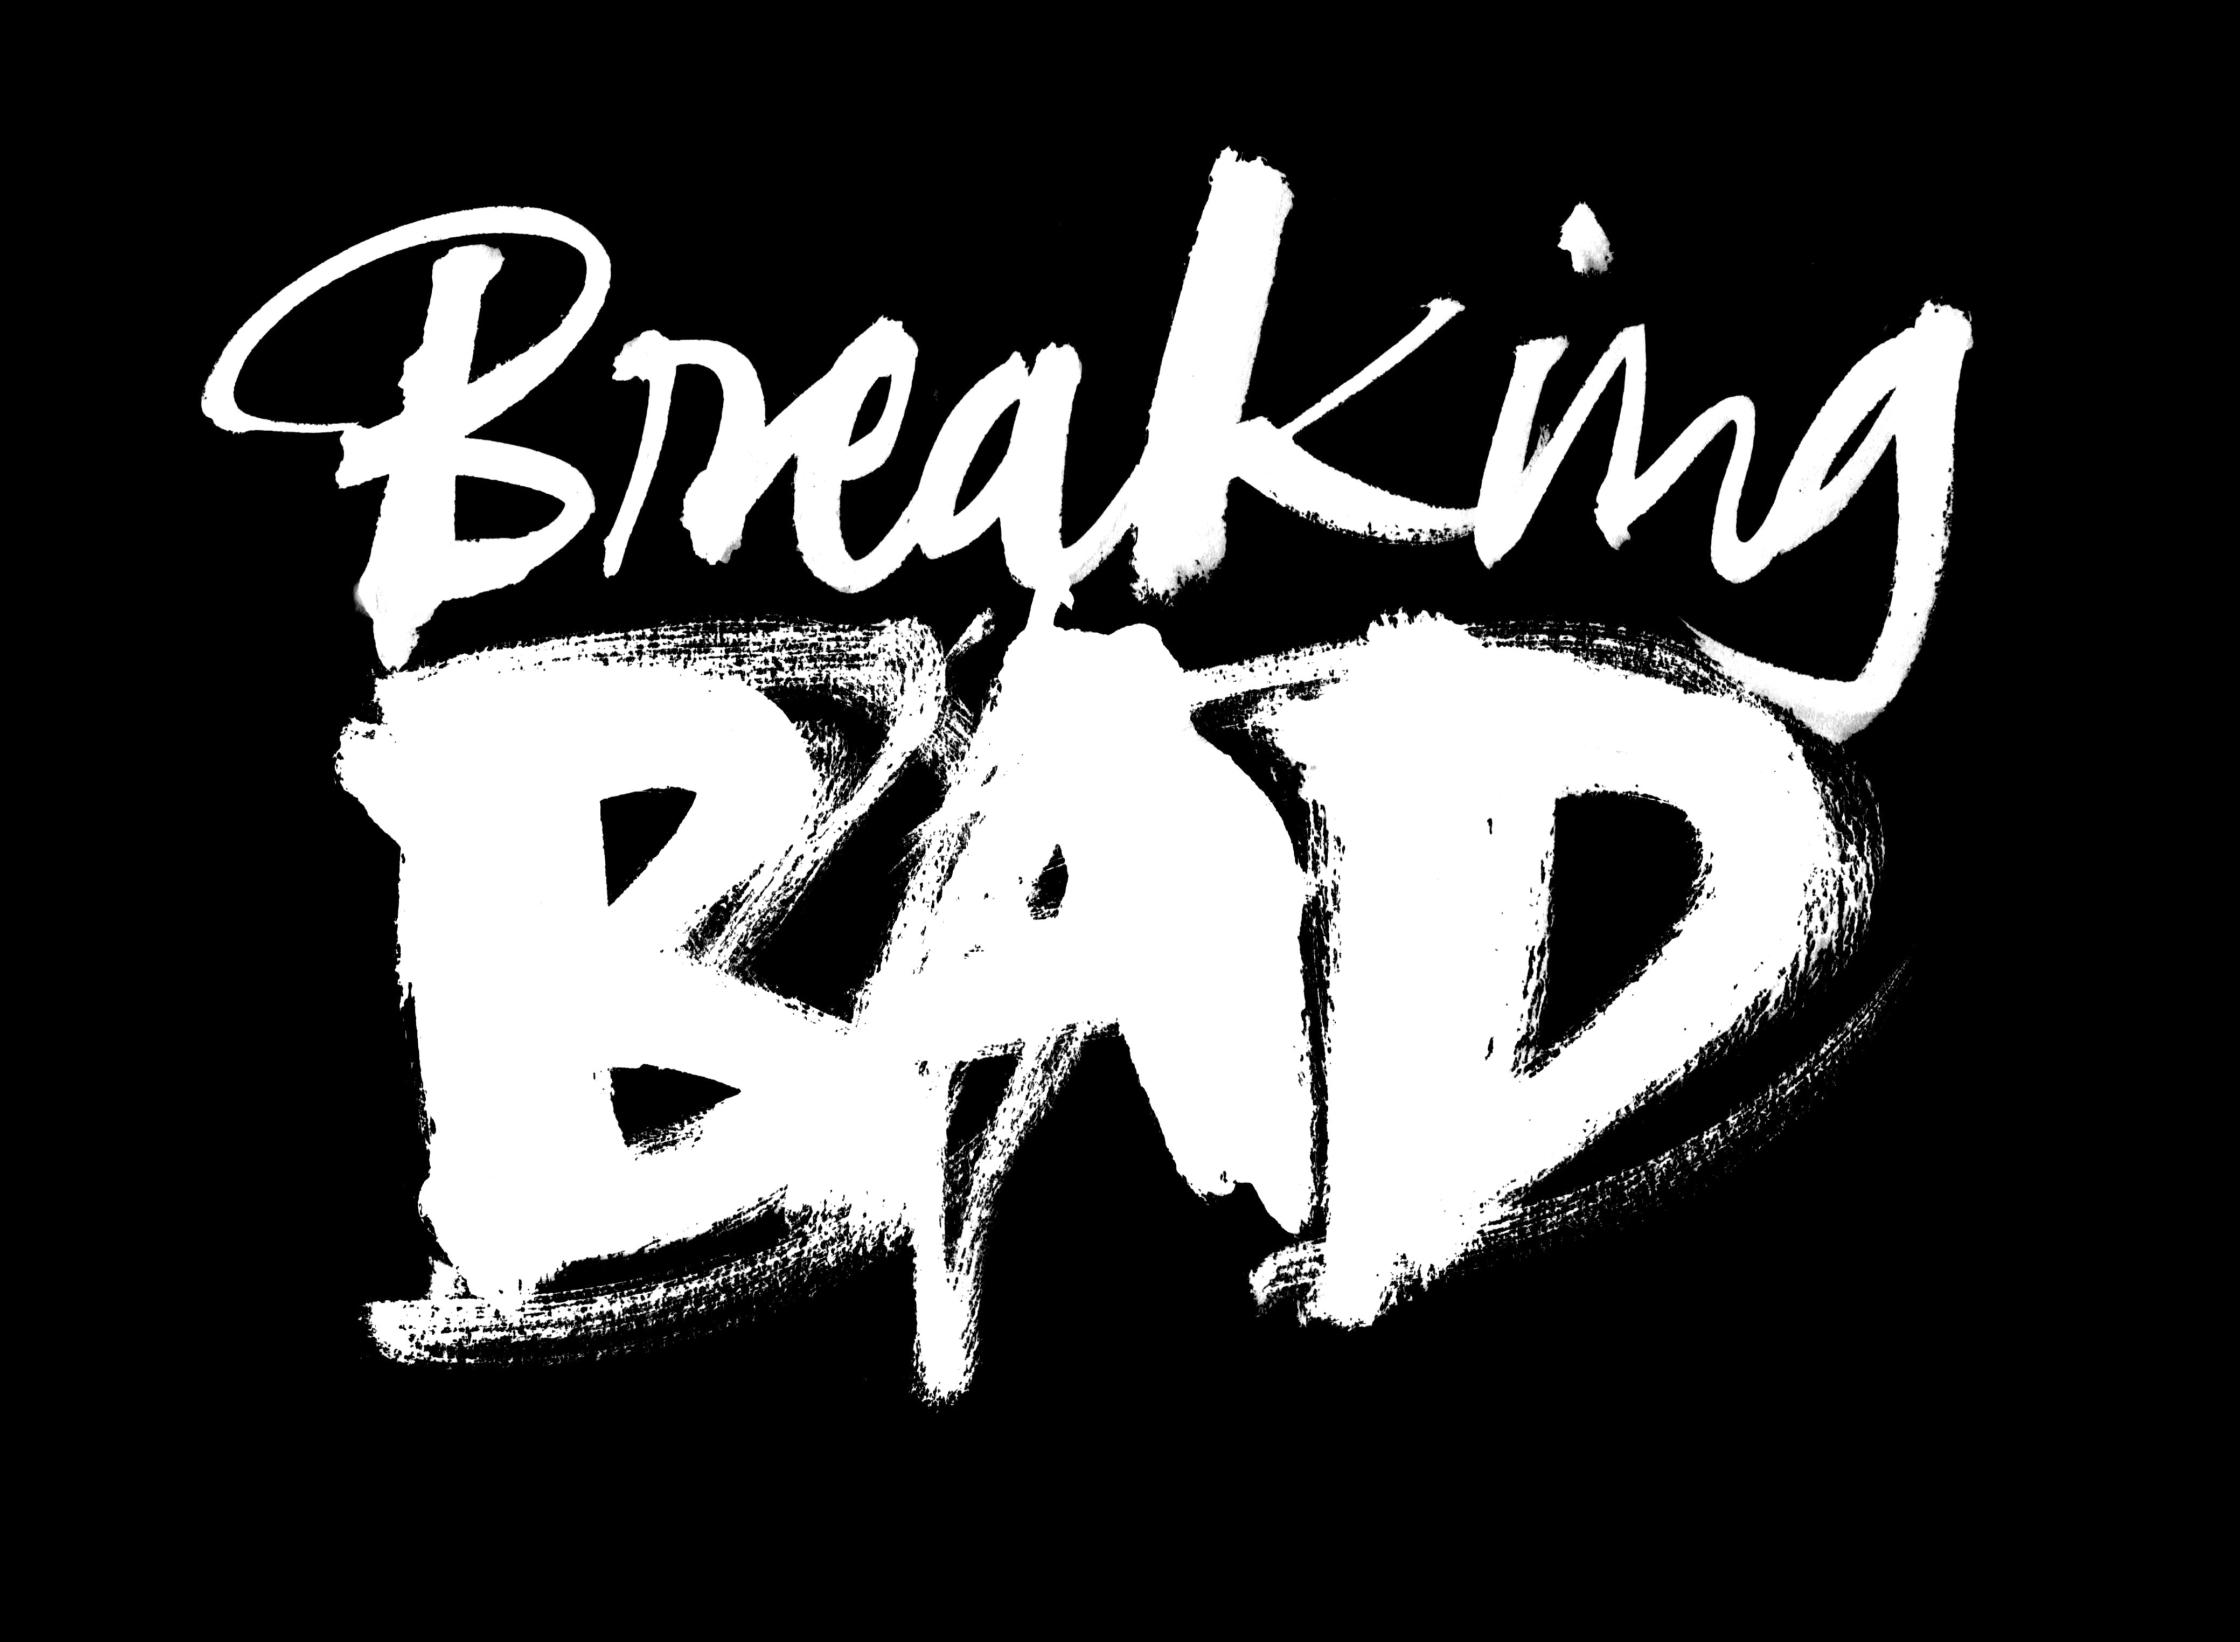 Breaking Bad 006 neg.jpg